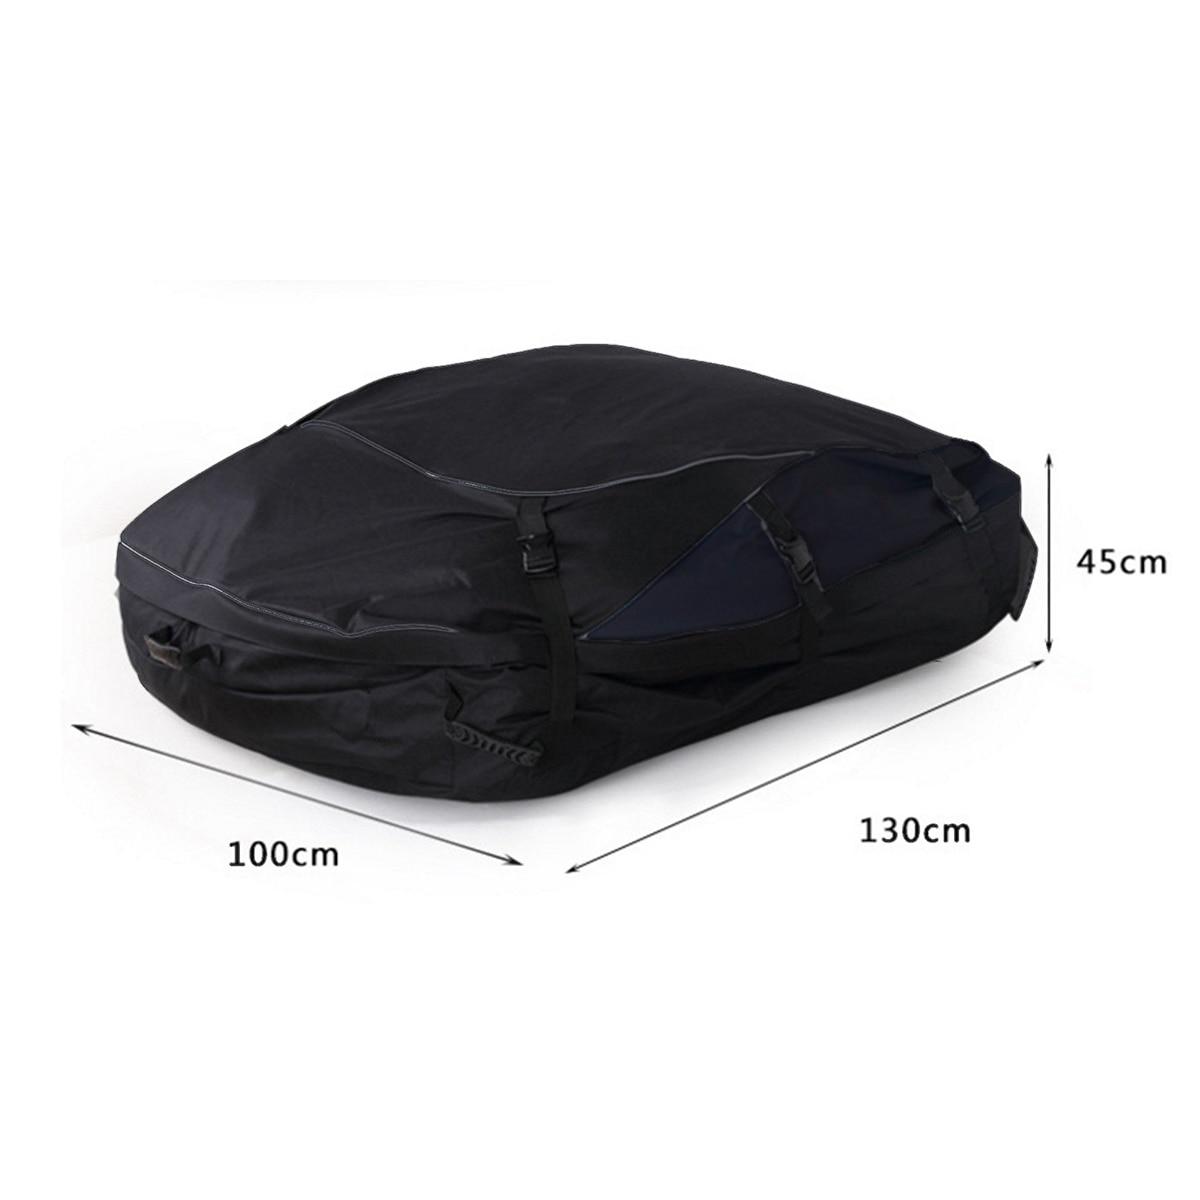 130X100X45 cm sac de toit de voiture sac de toit supérieur porte-bagages transporteur de bagages voyage étanche Touring SUV Van pour les voitures - 5